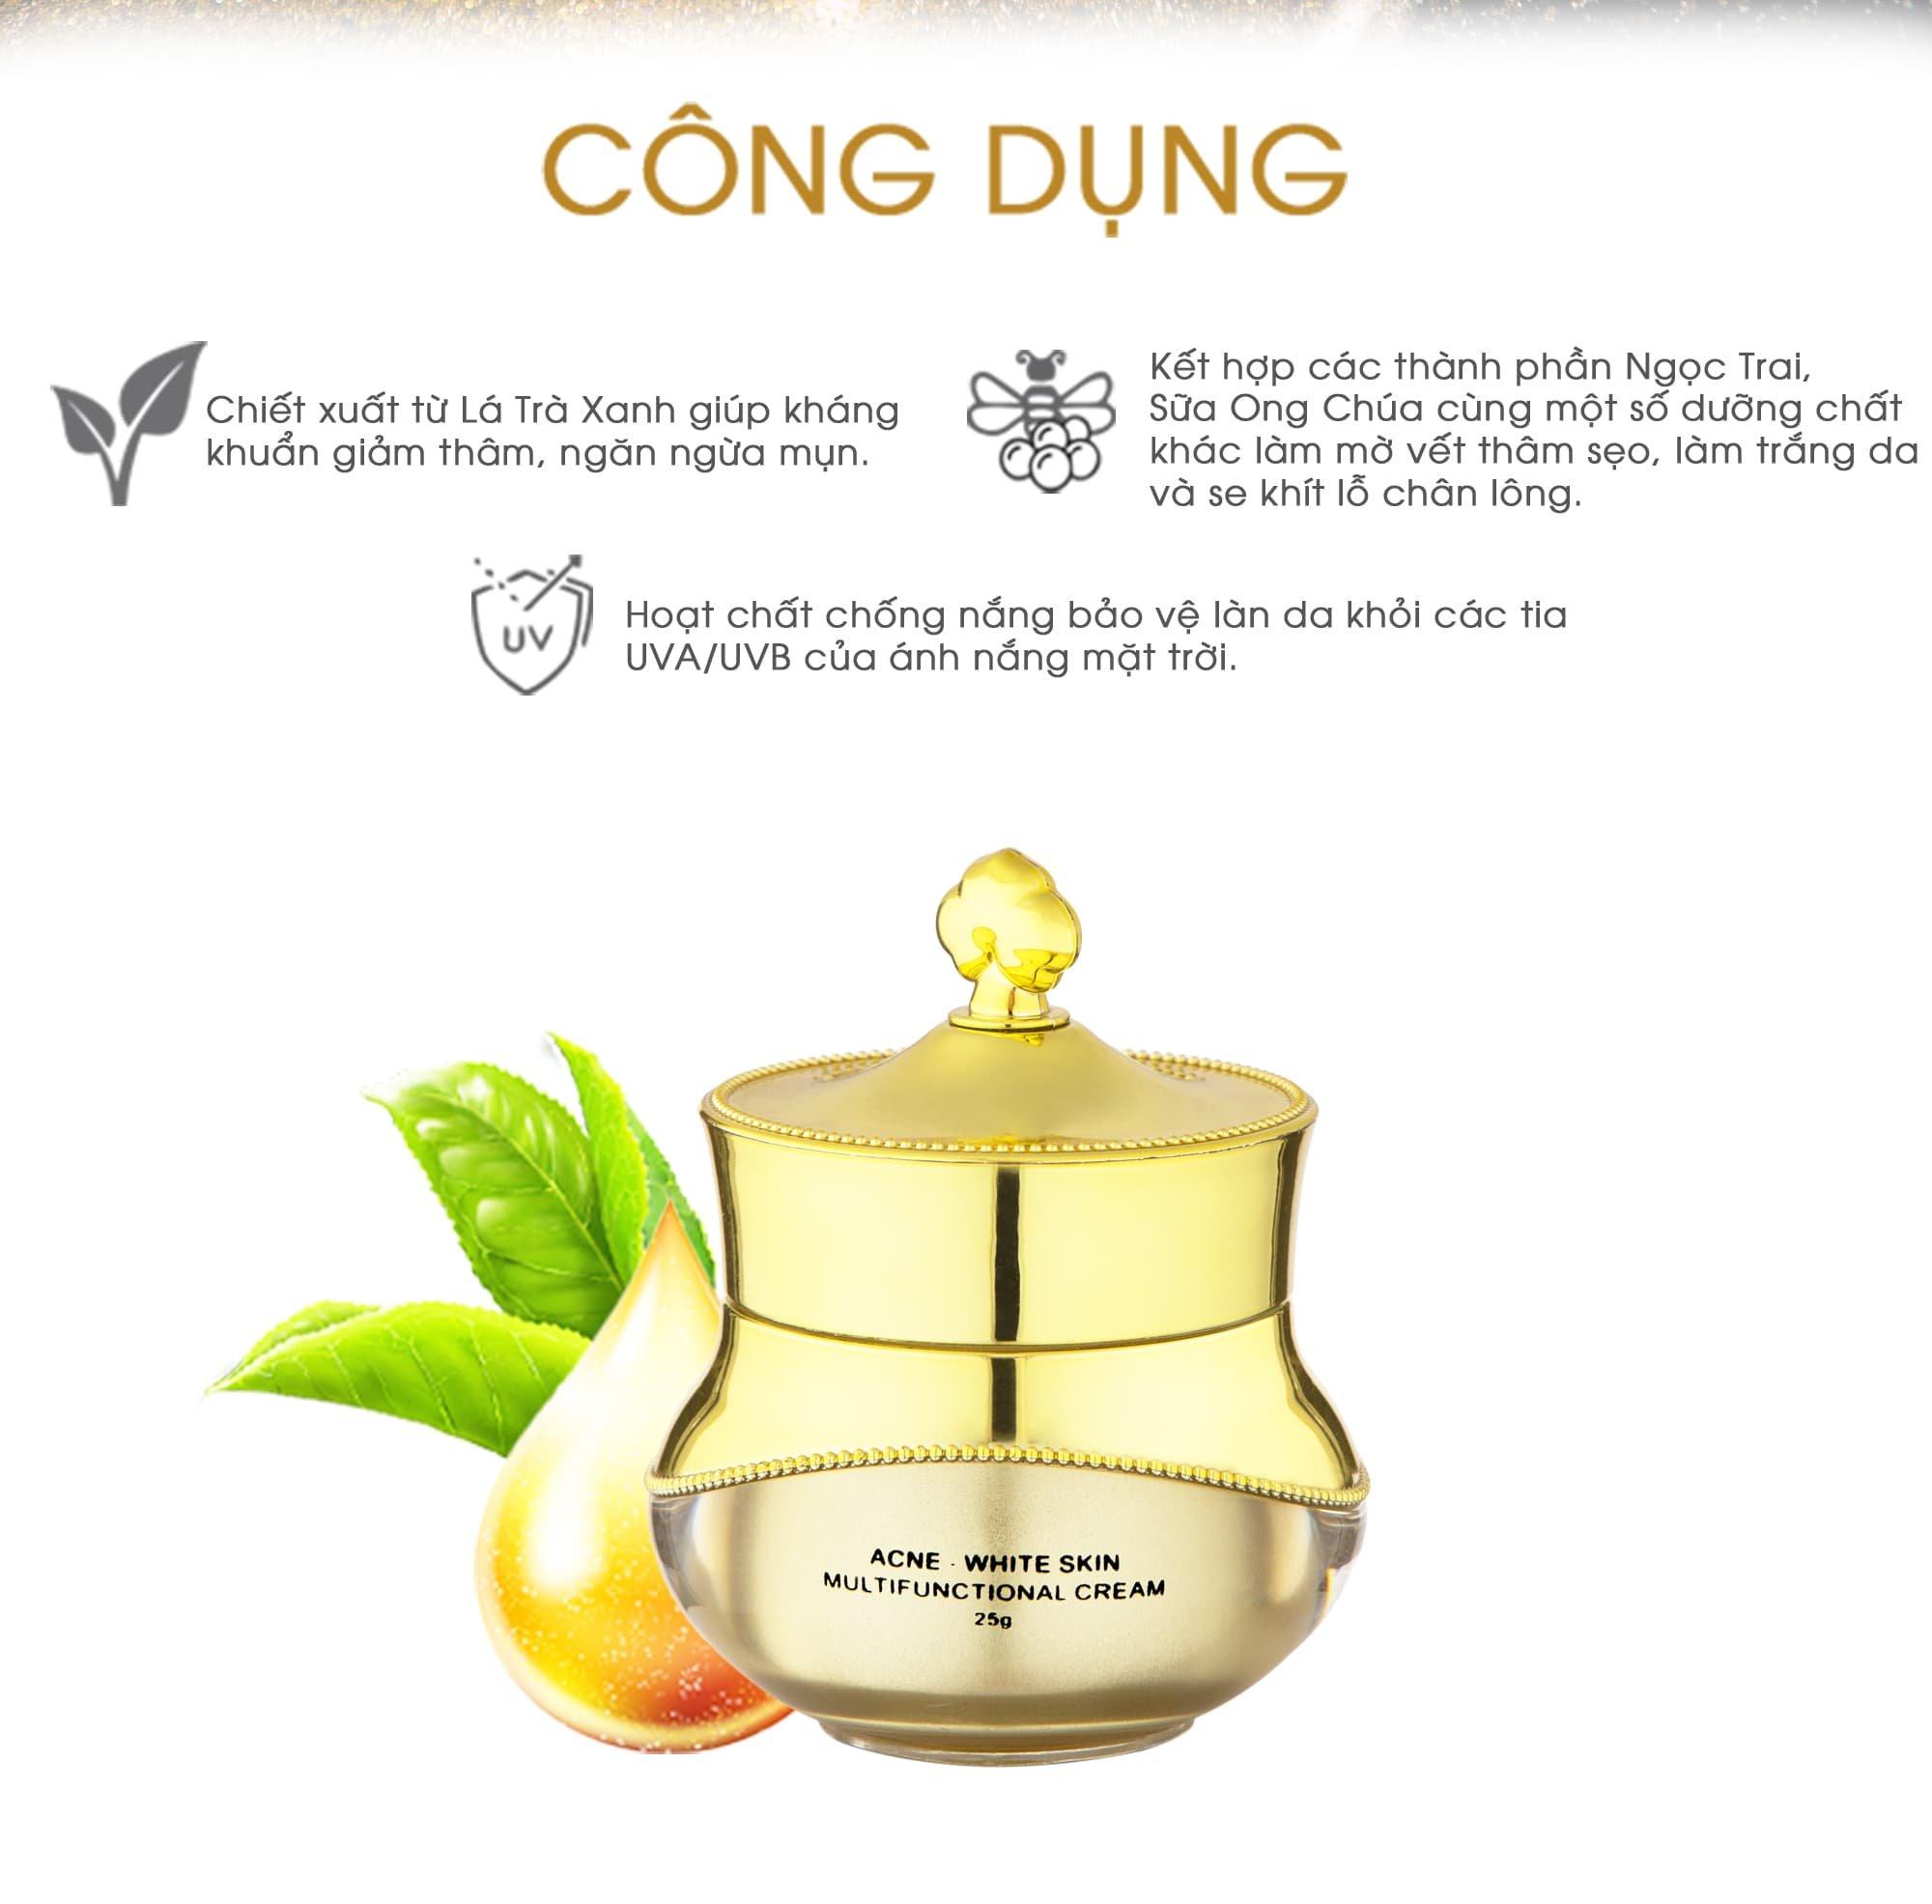 Bộ 3 sản phẩm Trắng Da Ngừa mụn KN Beauty chuyên sâu:Kem dưỡng 25g + Serum 30ml+ Tẩy tế bào chết 120ml - Tặng 2 Mặt nạ